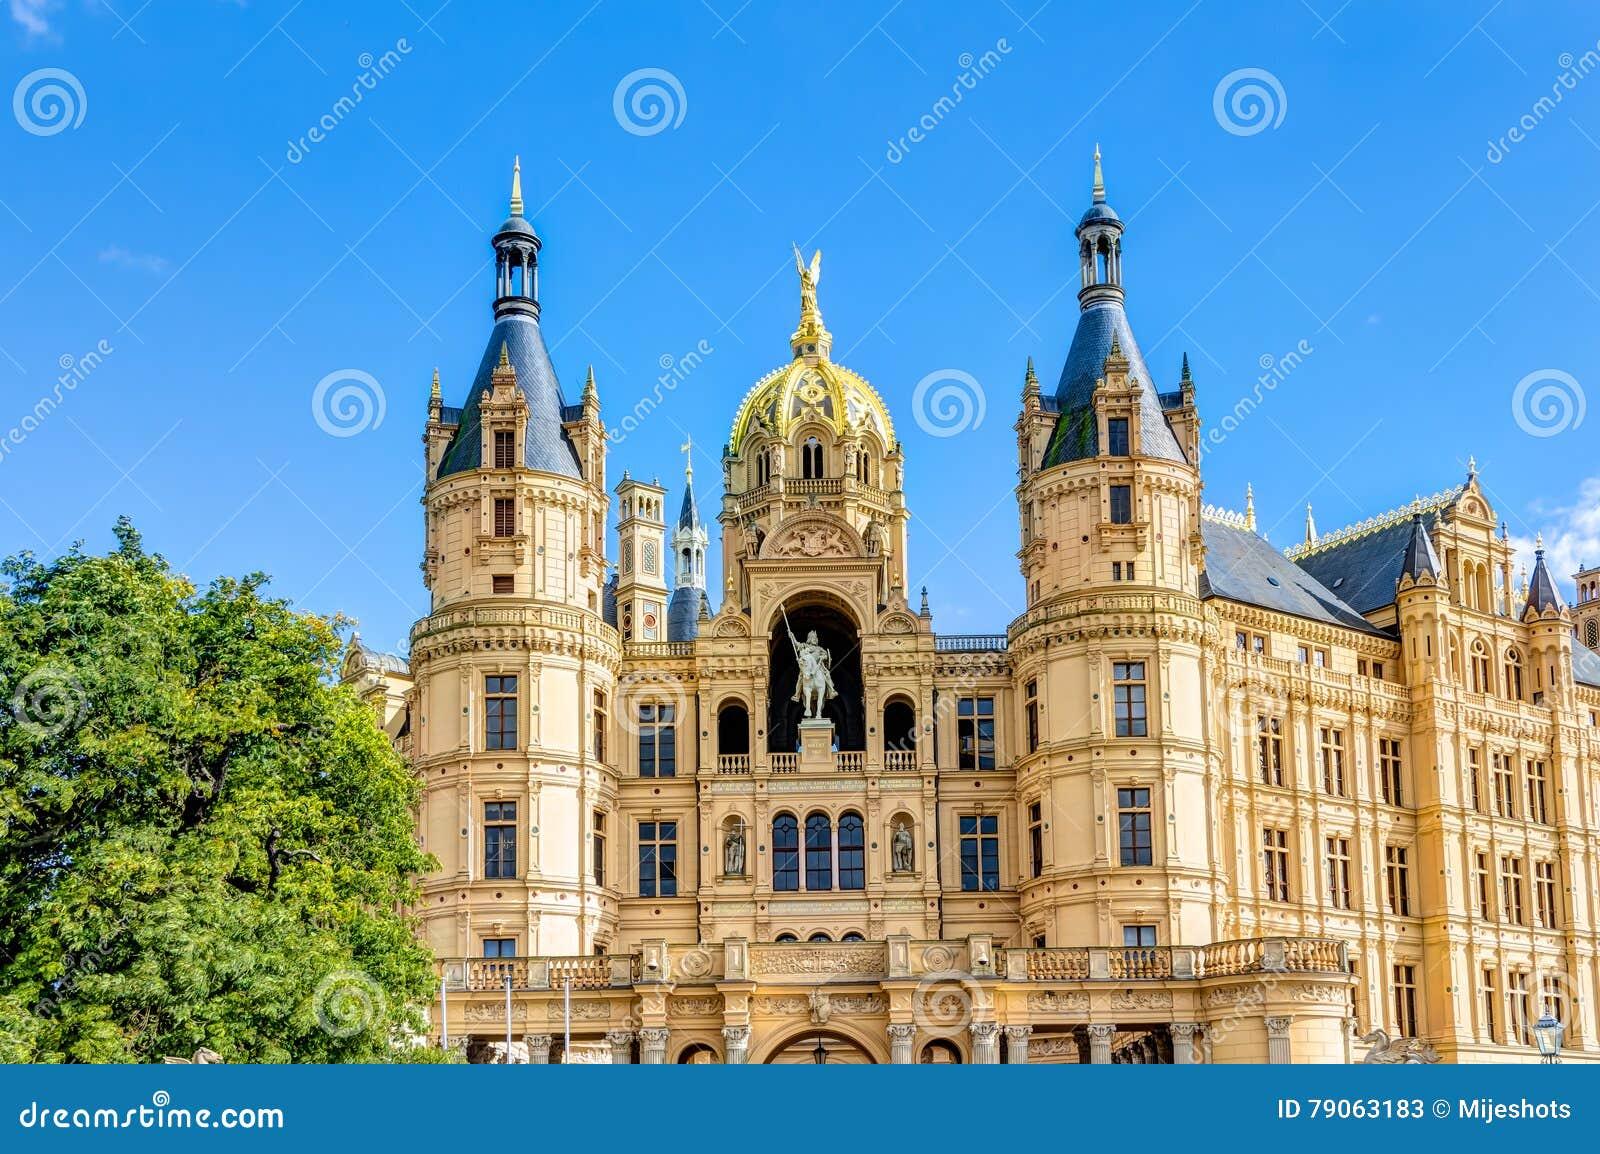 Schwerin pałac w romantycznym Historicism architektury stylu